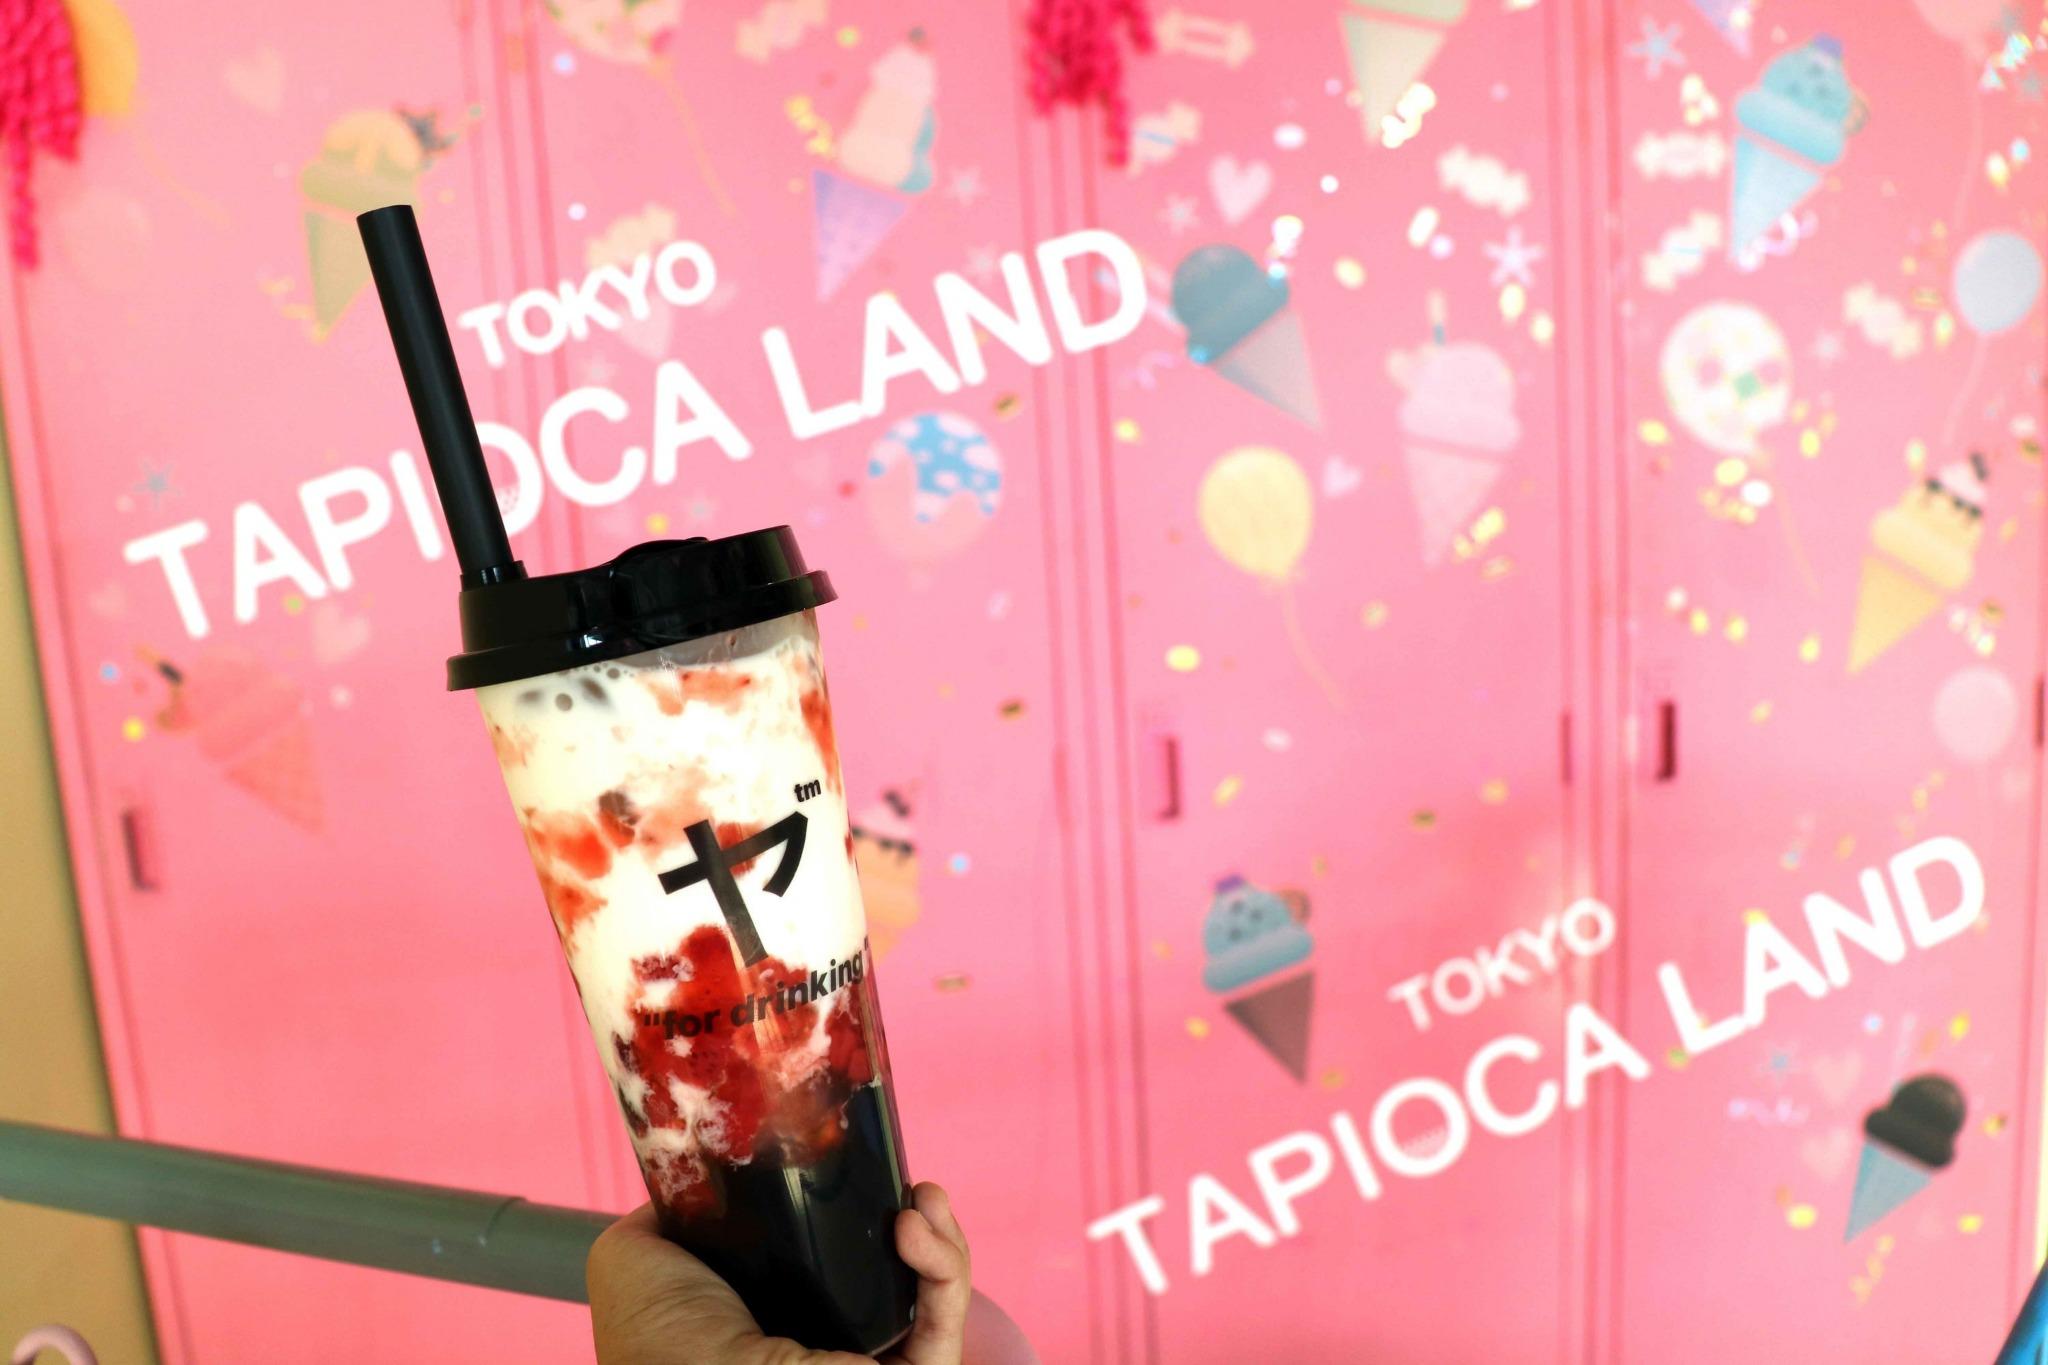 東京 タピオカ ランド